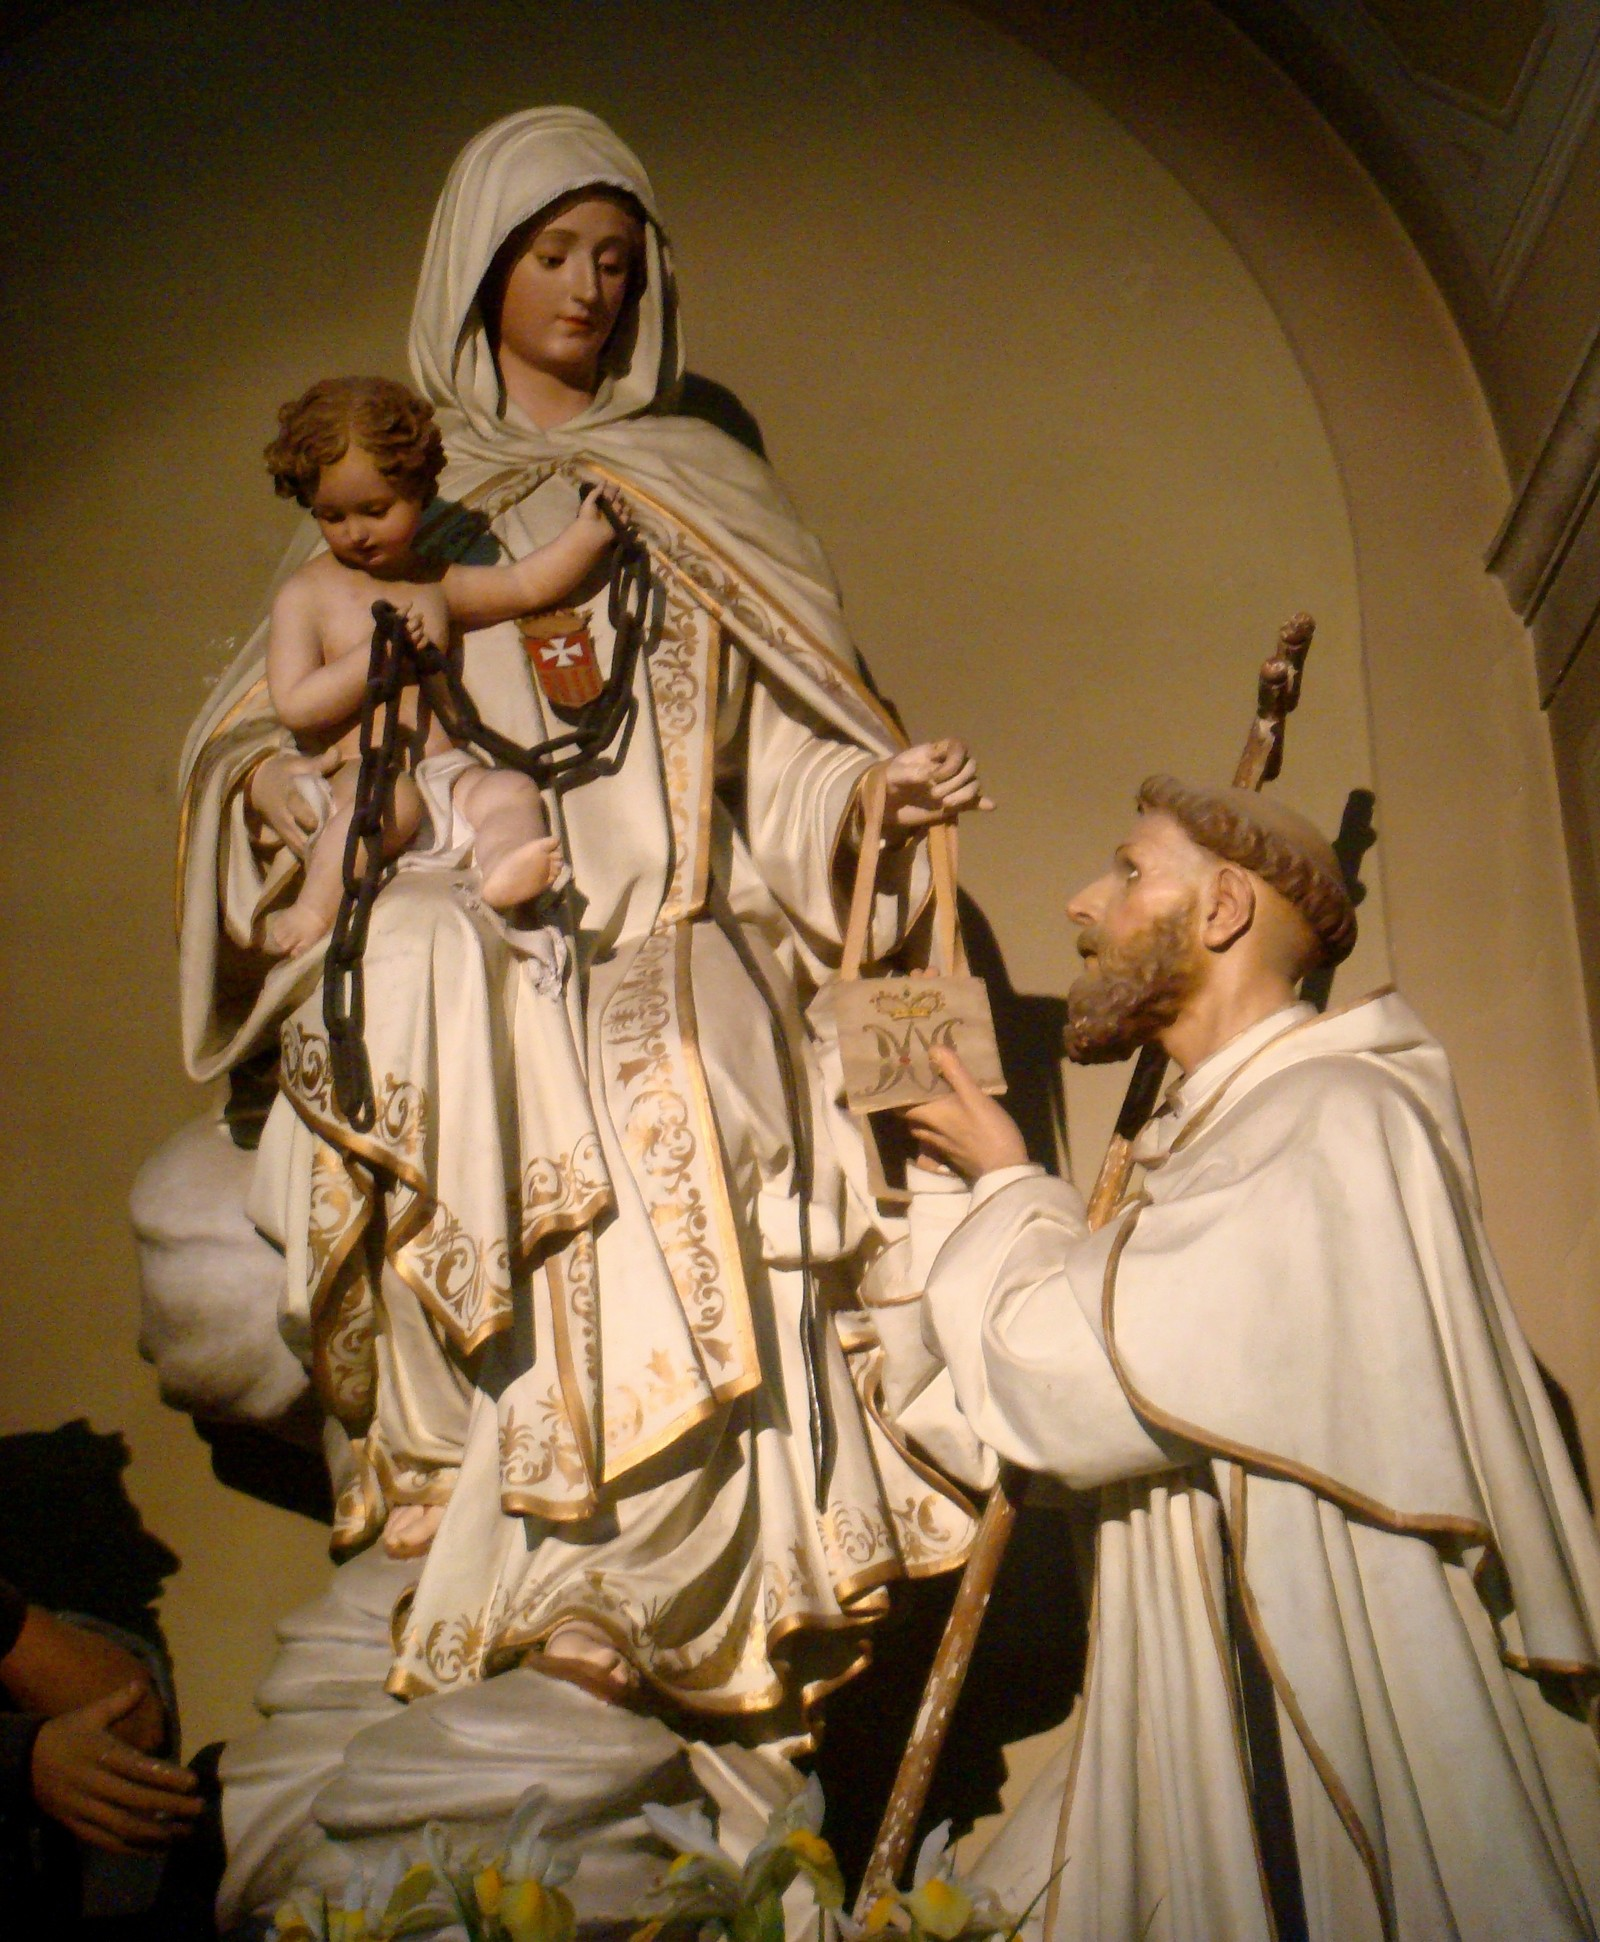 Nuestra Señora de la Merced Apareció para Pedir por los Cautivos, España (24 de septiembre)